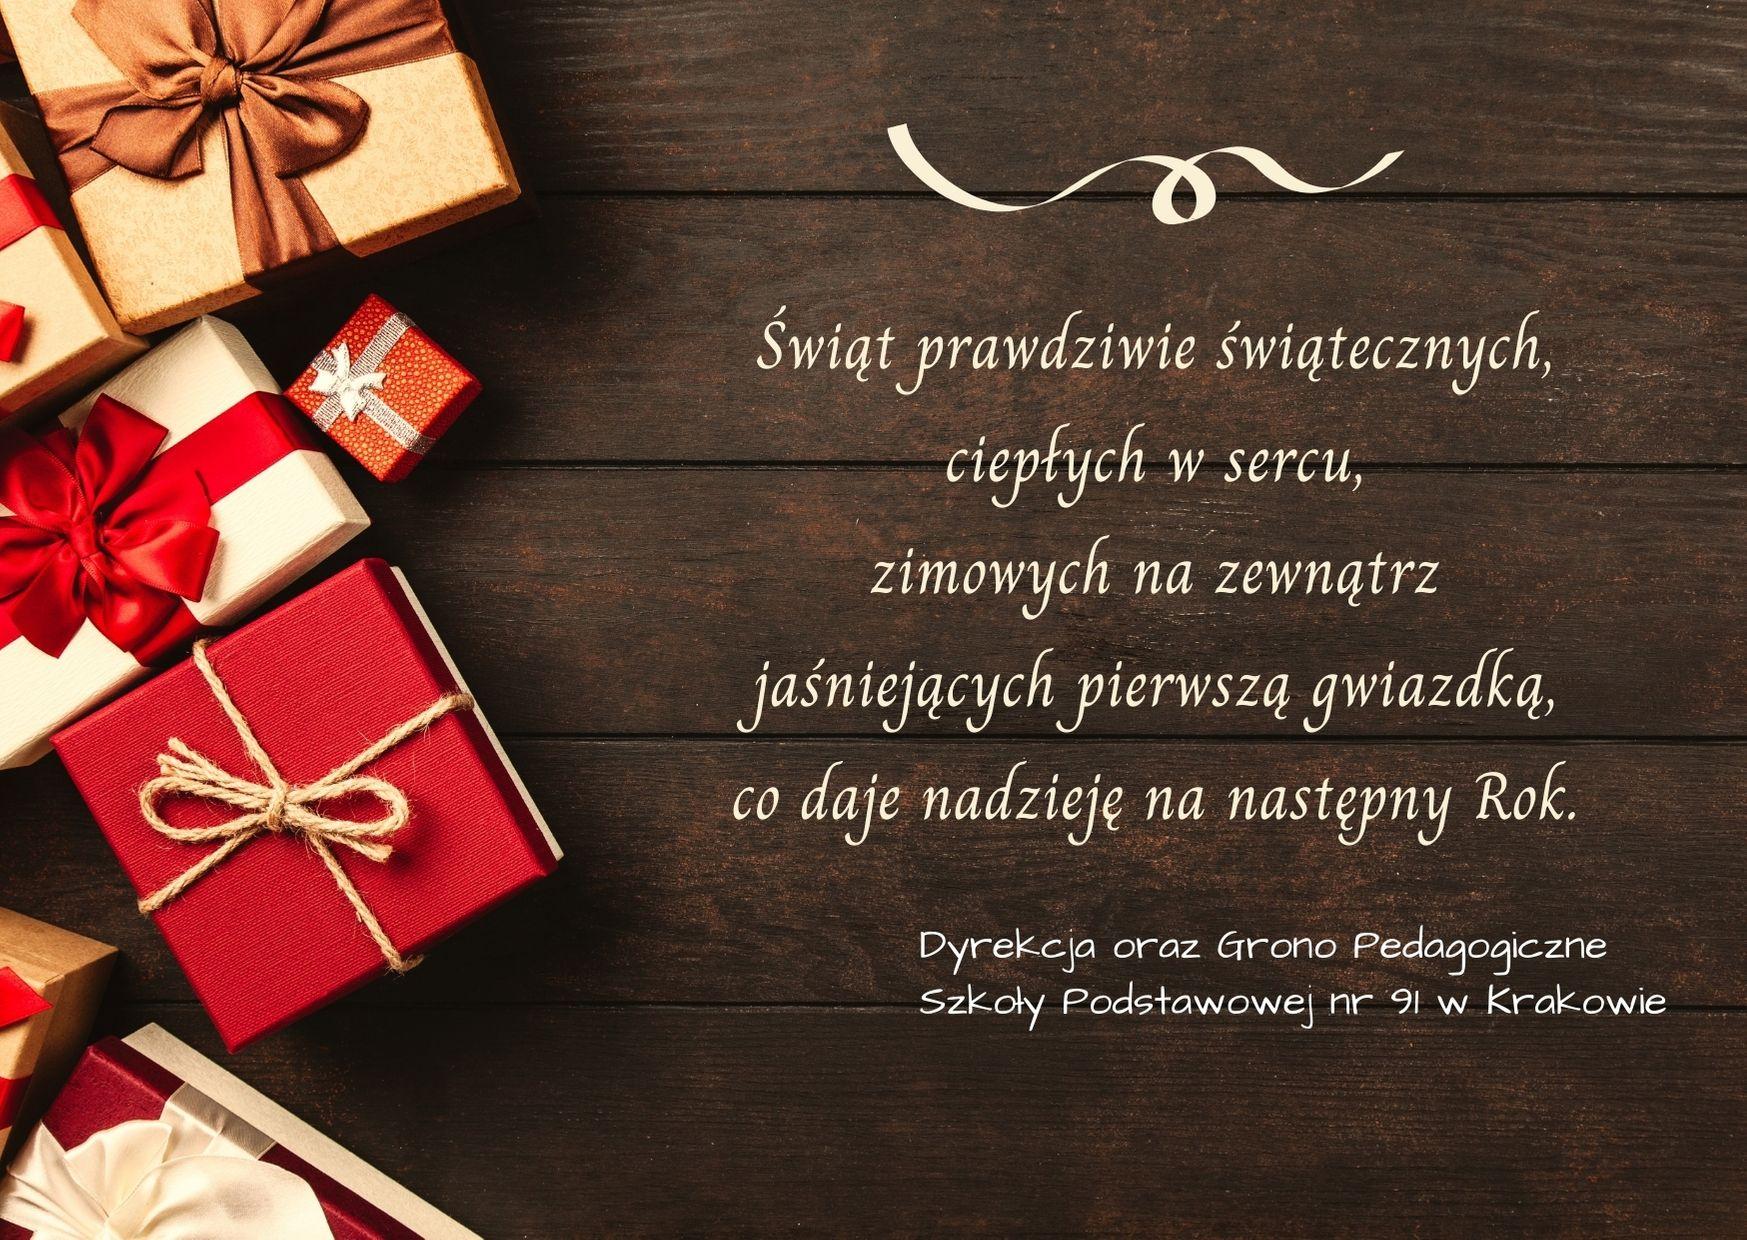 Życzenia świąteczne od dyrekcji i grona pedagogicznego.